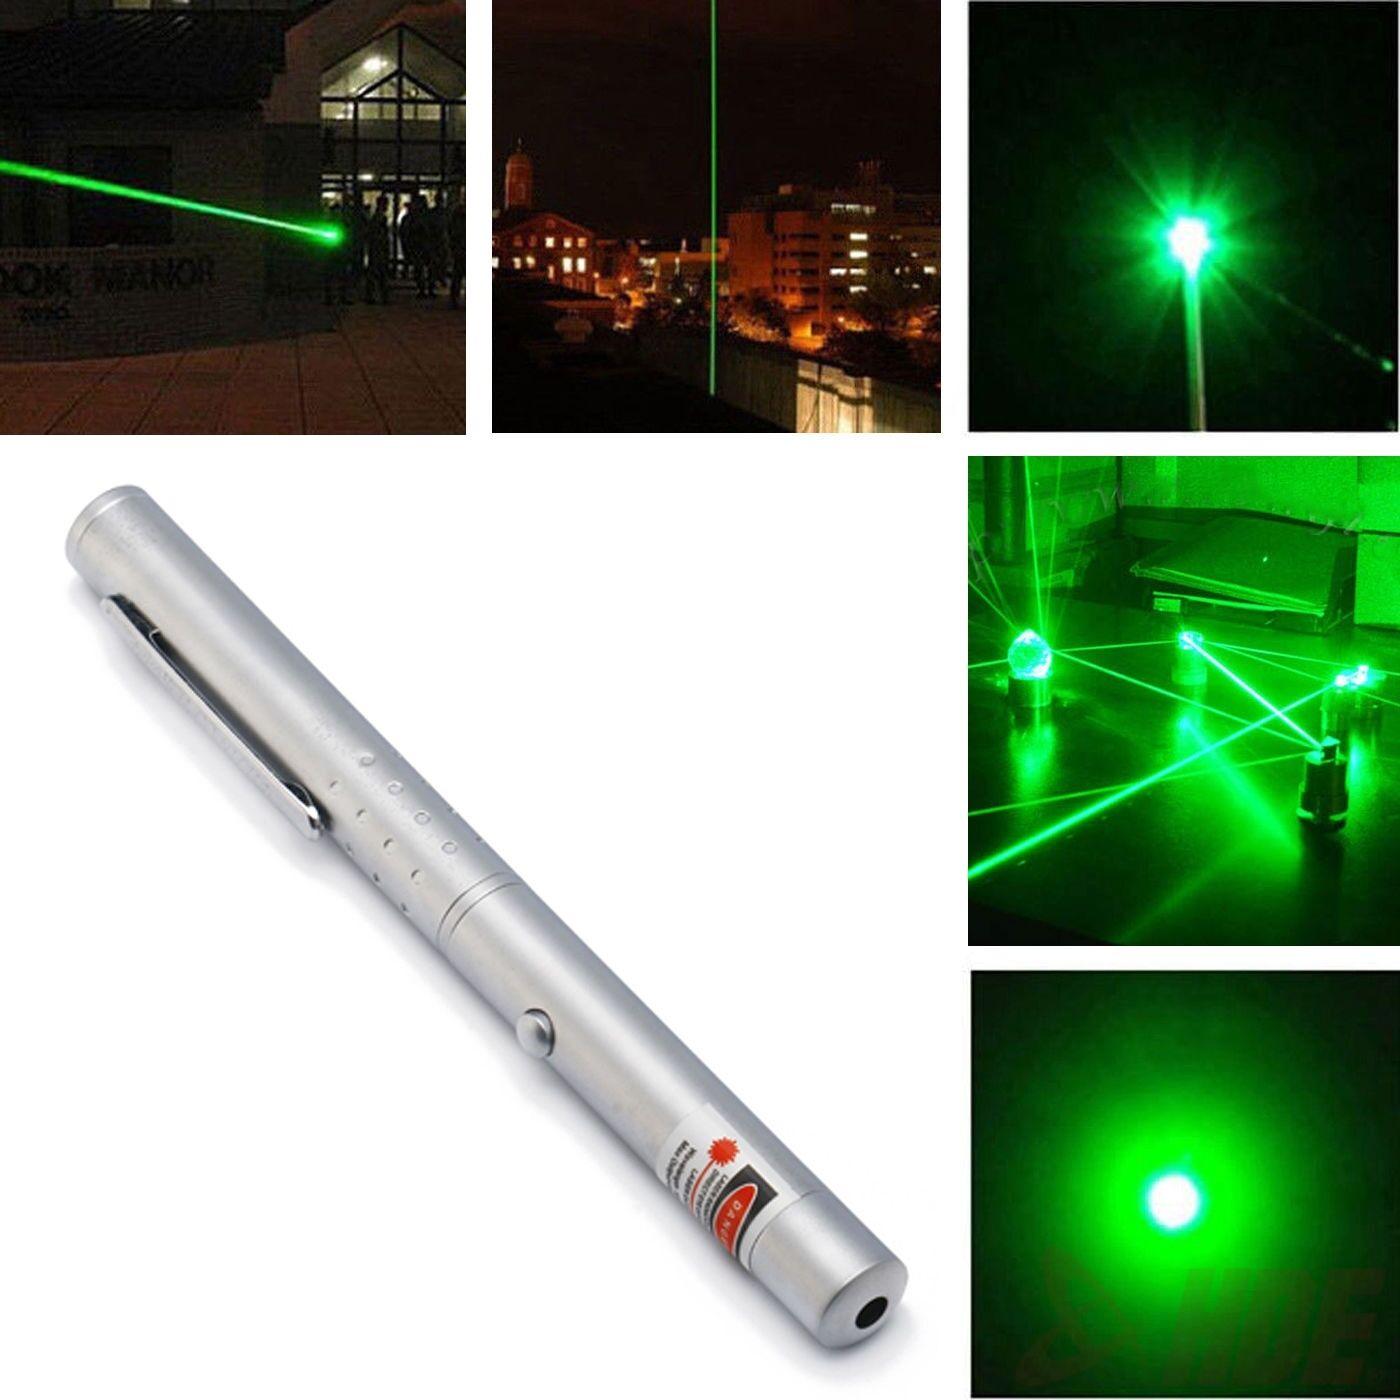 Military High Power Green Laser Pointer Light Beam Pointer